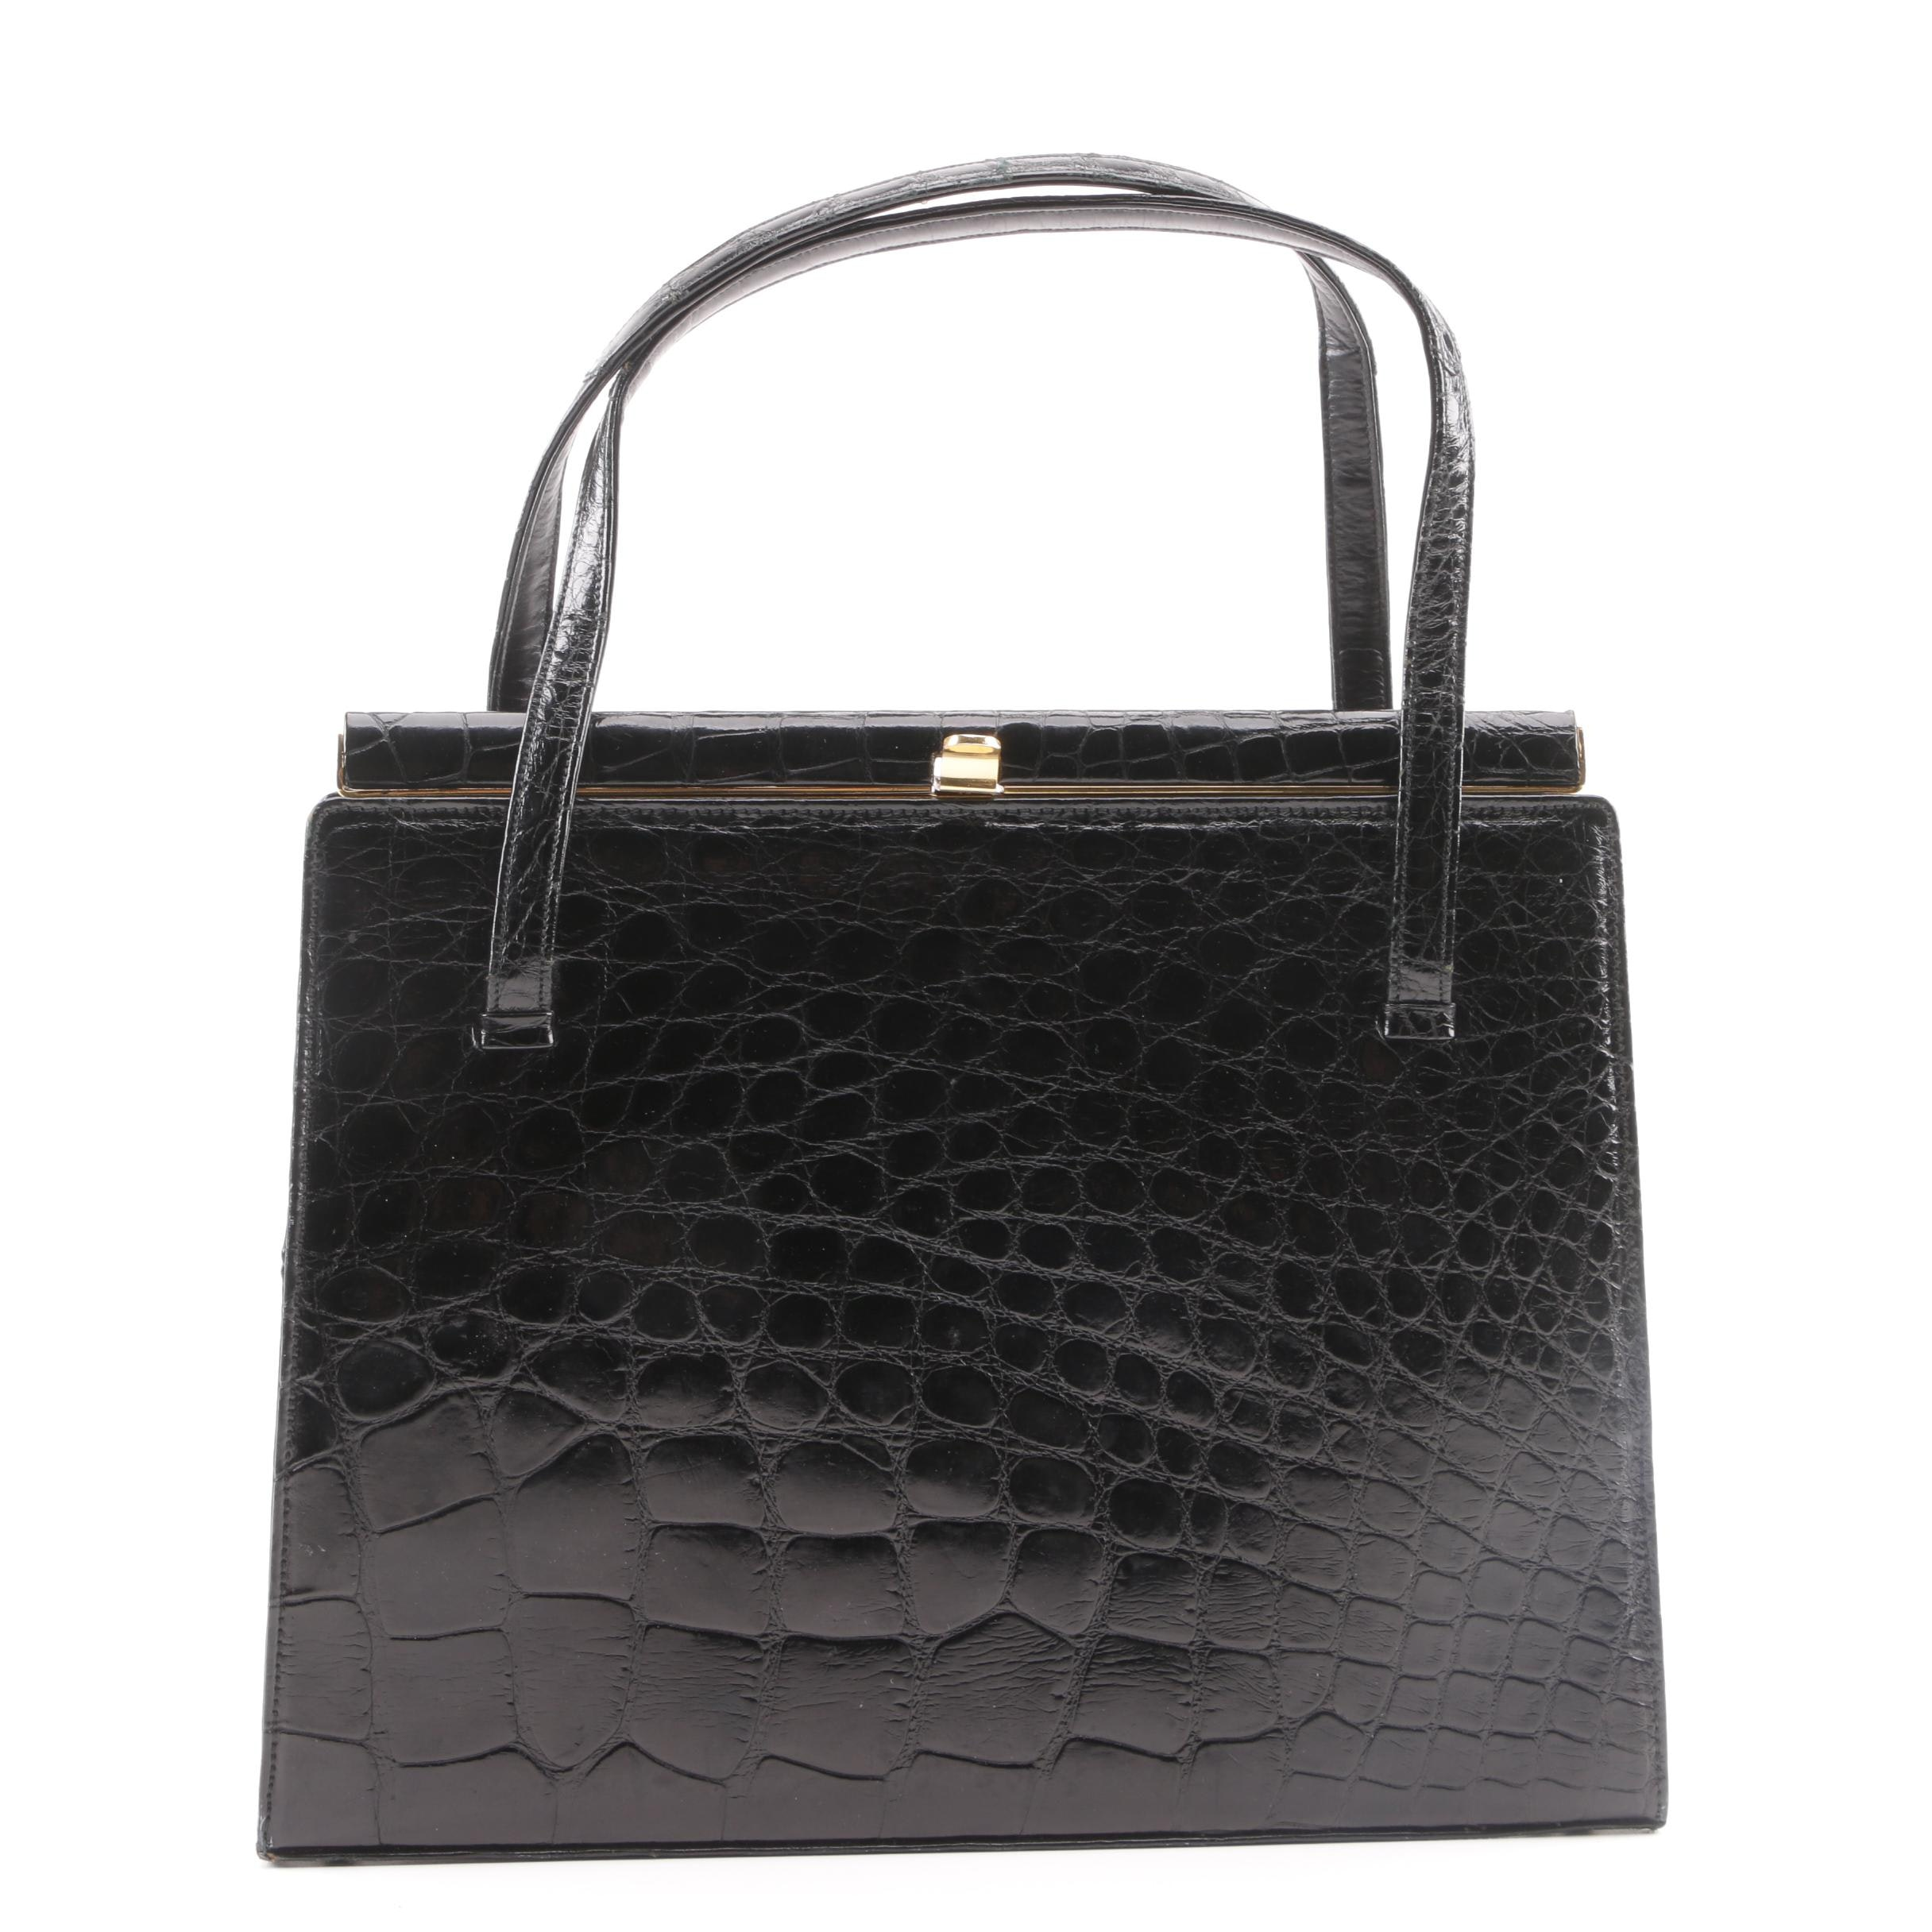 1950s Vintage I. Magnin Black Alligator Frame Bag